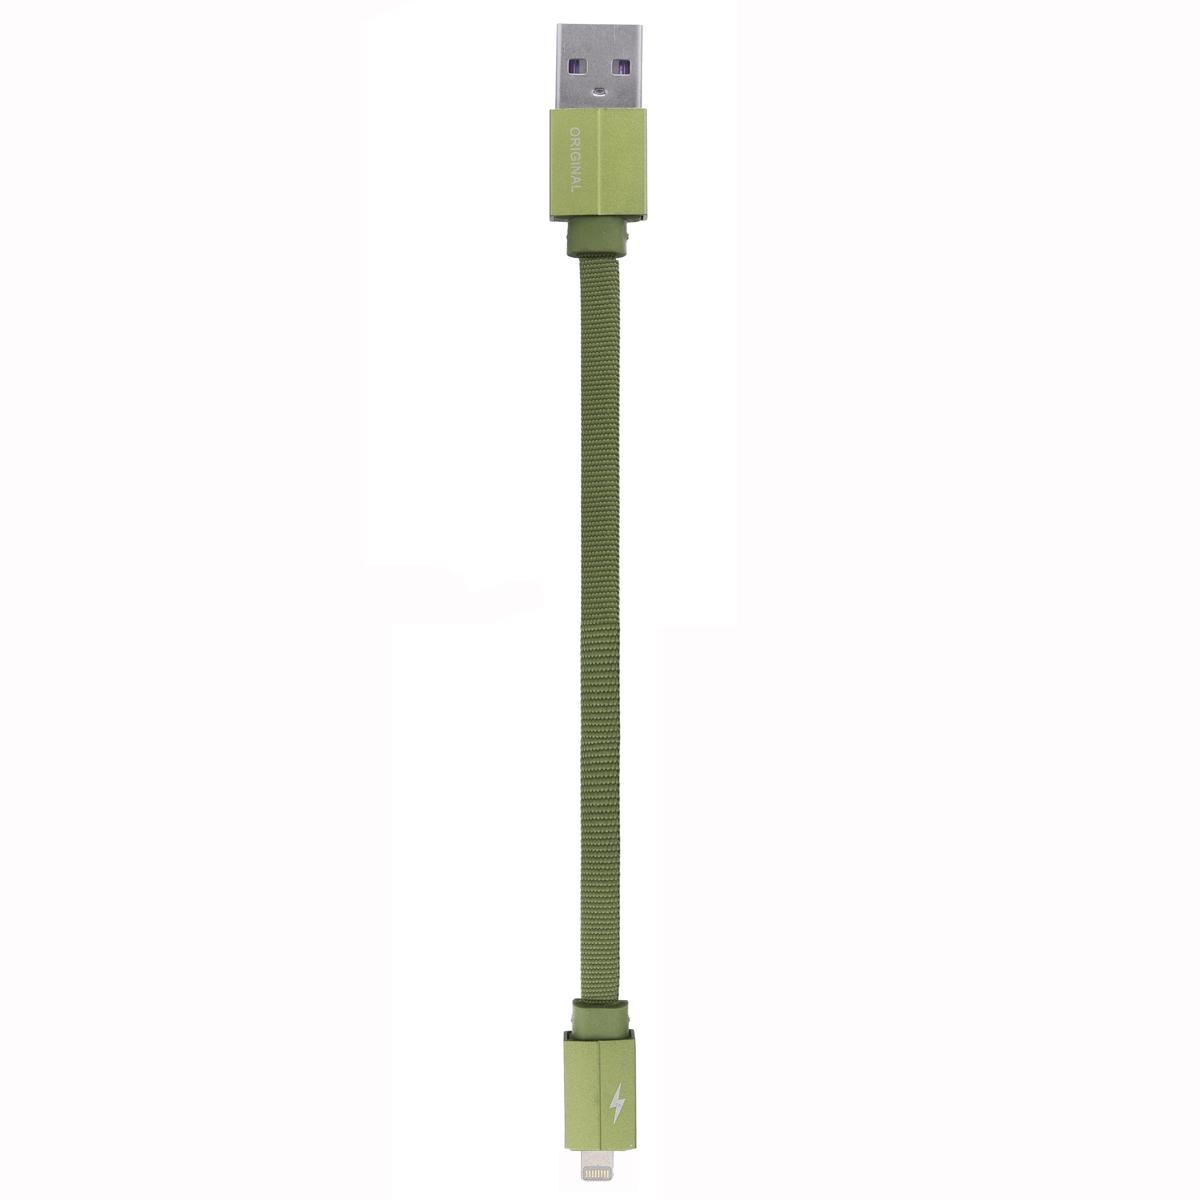 کابل تبدیل USB به لایتینگ ریمکس مدل Best Y-S001 طول 0.2 متر              ( قیمت و خرید)